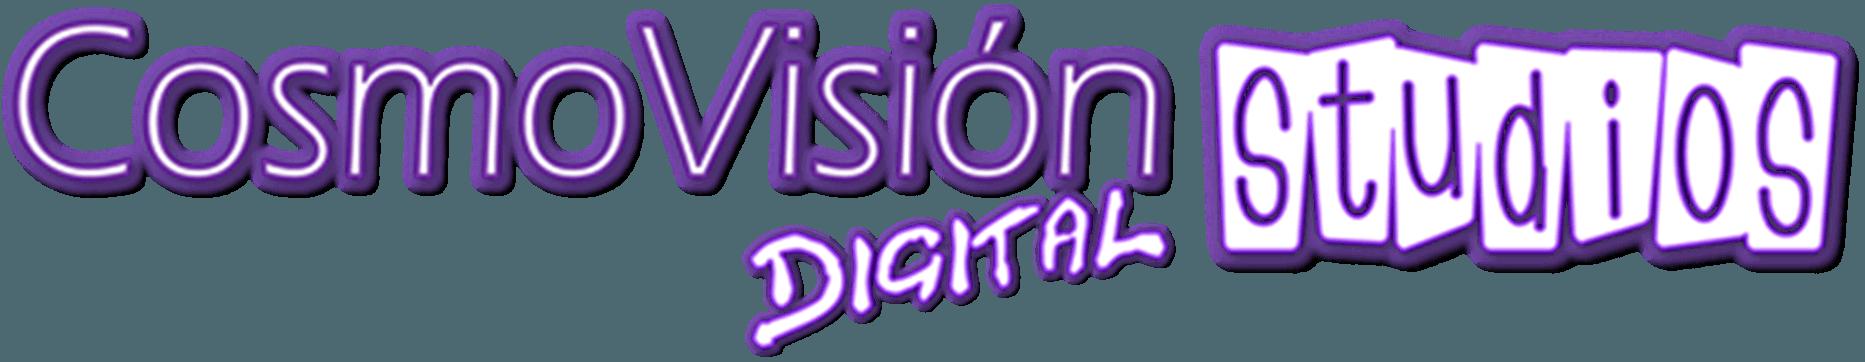 Television por Internet de CosmoVisión Digital